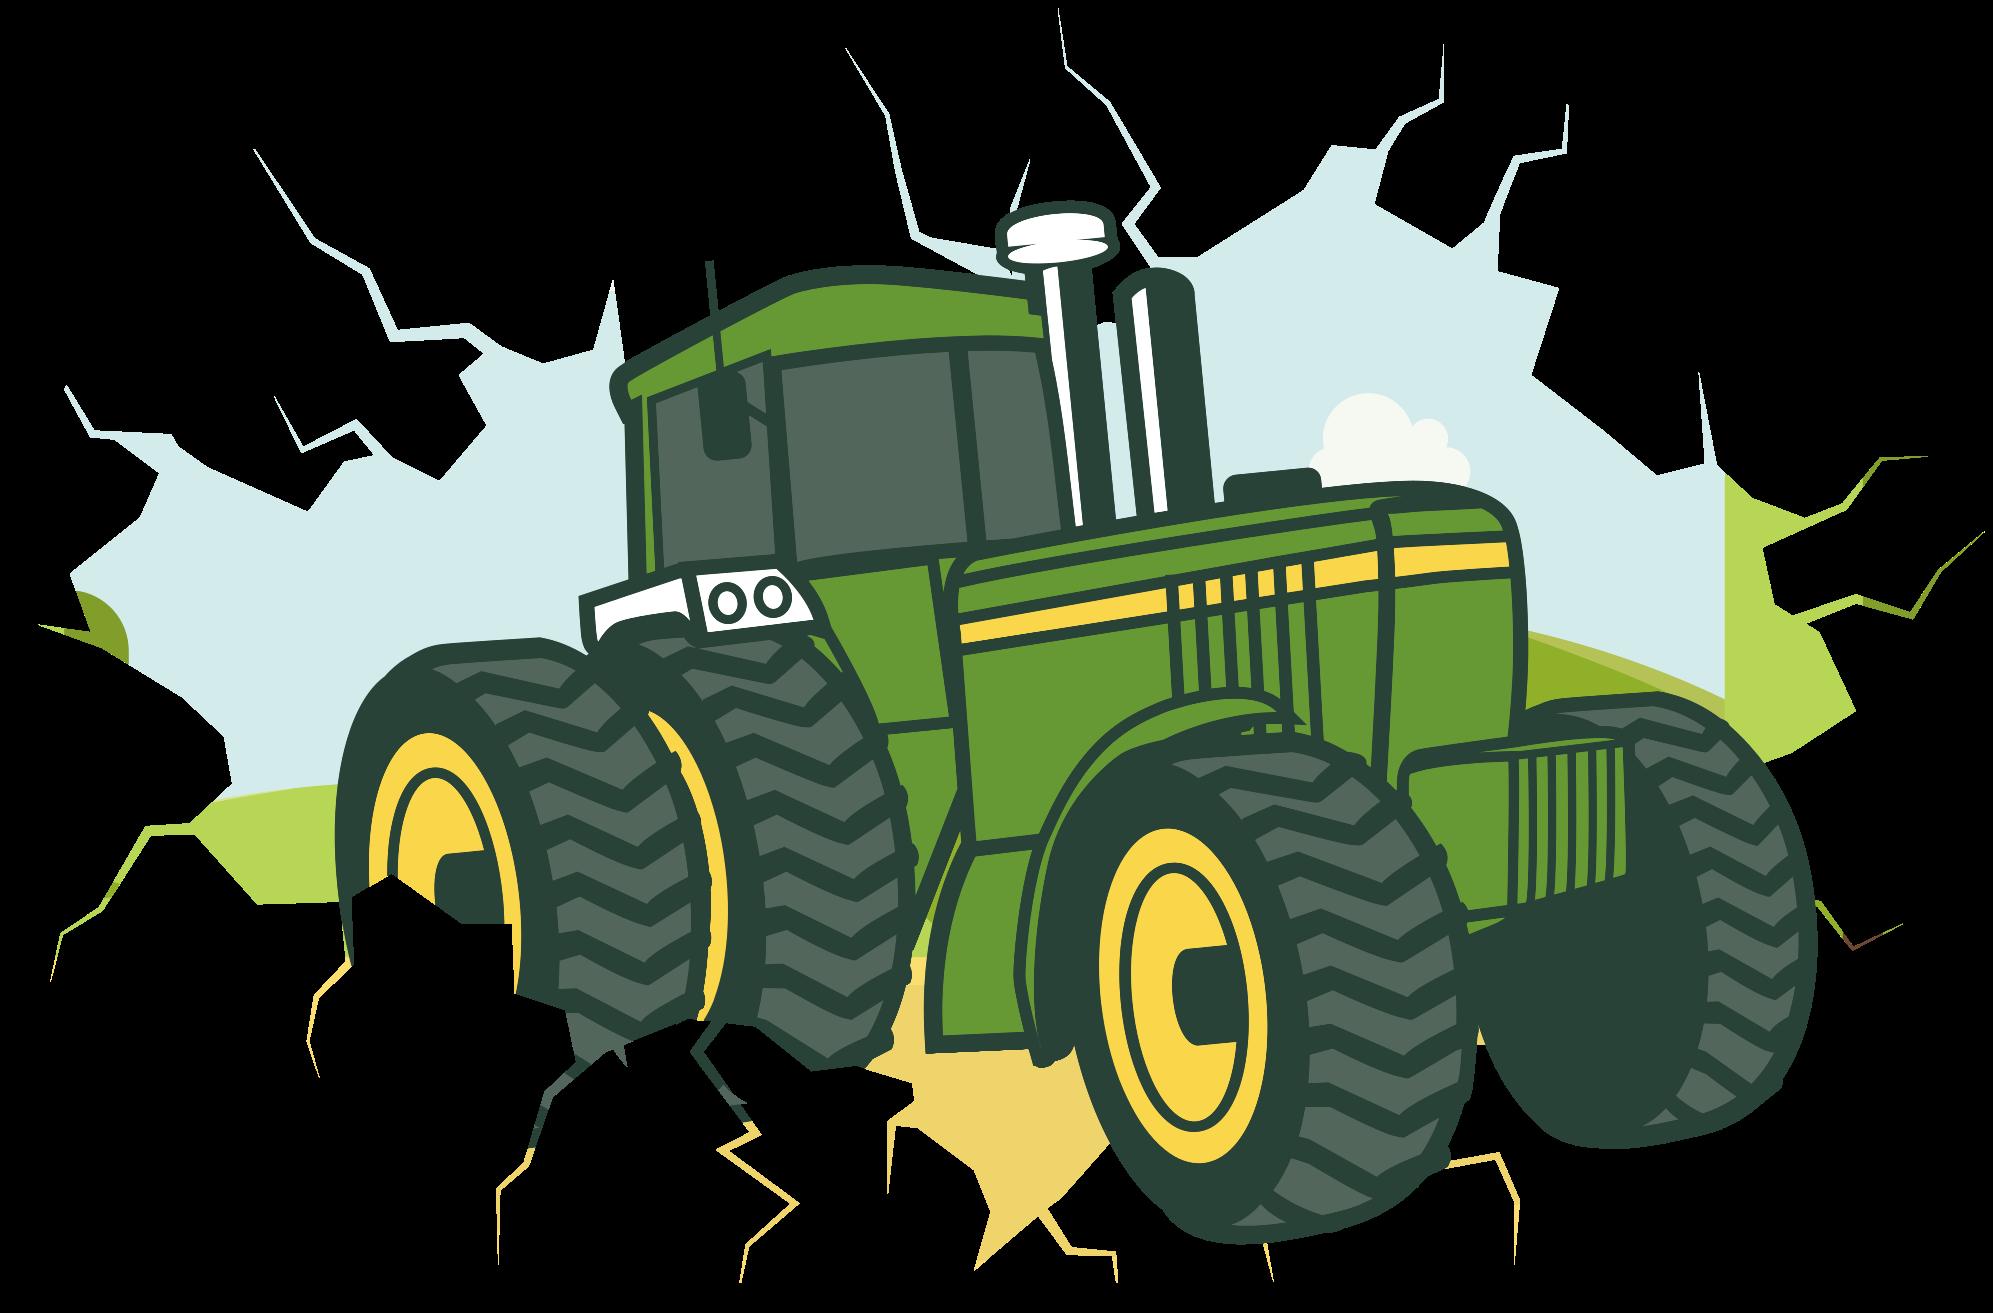 TenStickers. Traktor 3d john deere ilustrace wall art obtisk. Traktor 3d nálepka ilustrace john deere. Vhodné pro dekoraci dětského pokoje, snadno se nanáší a je vysoce kvalitní.